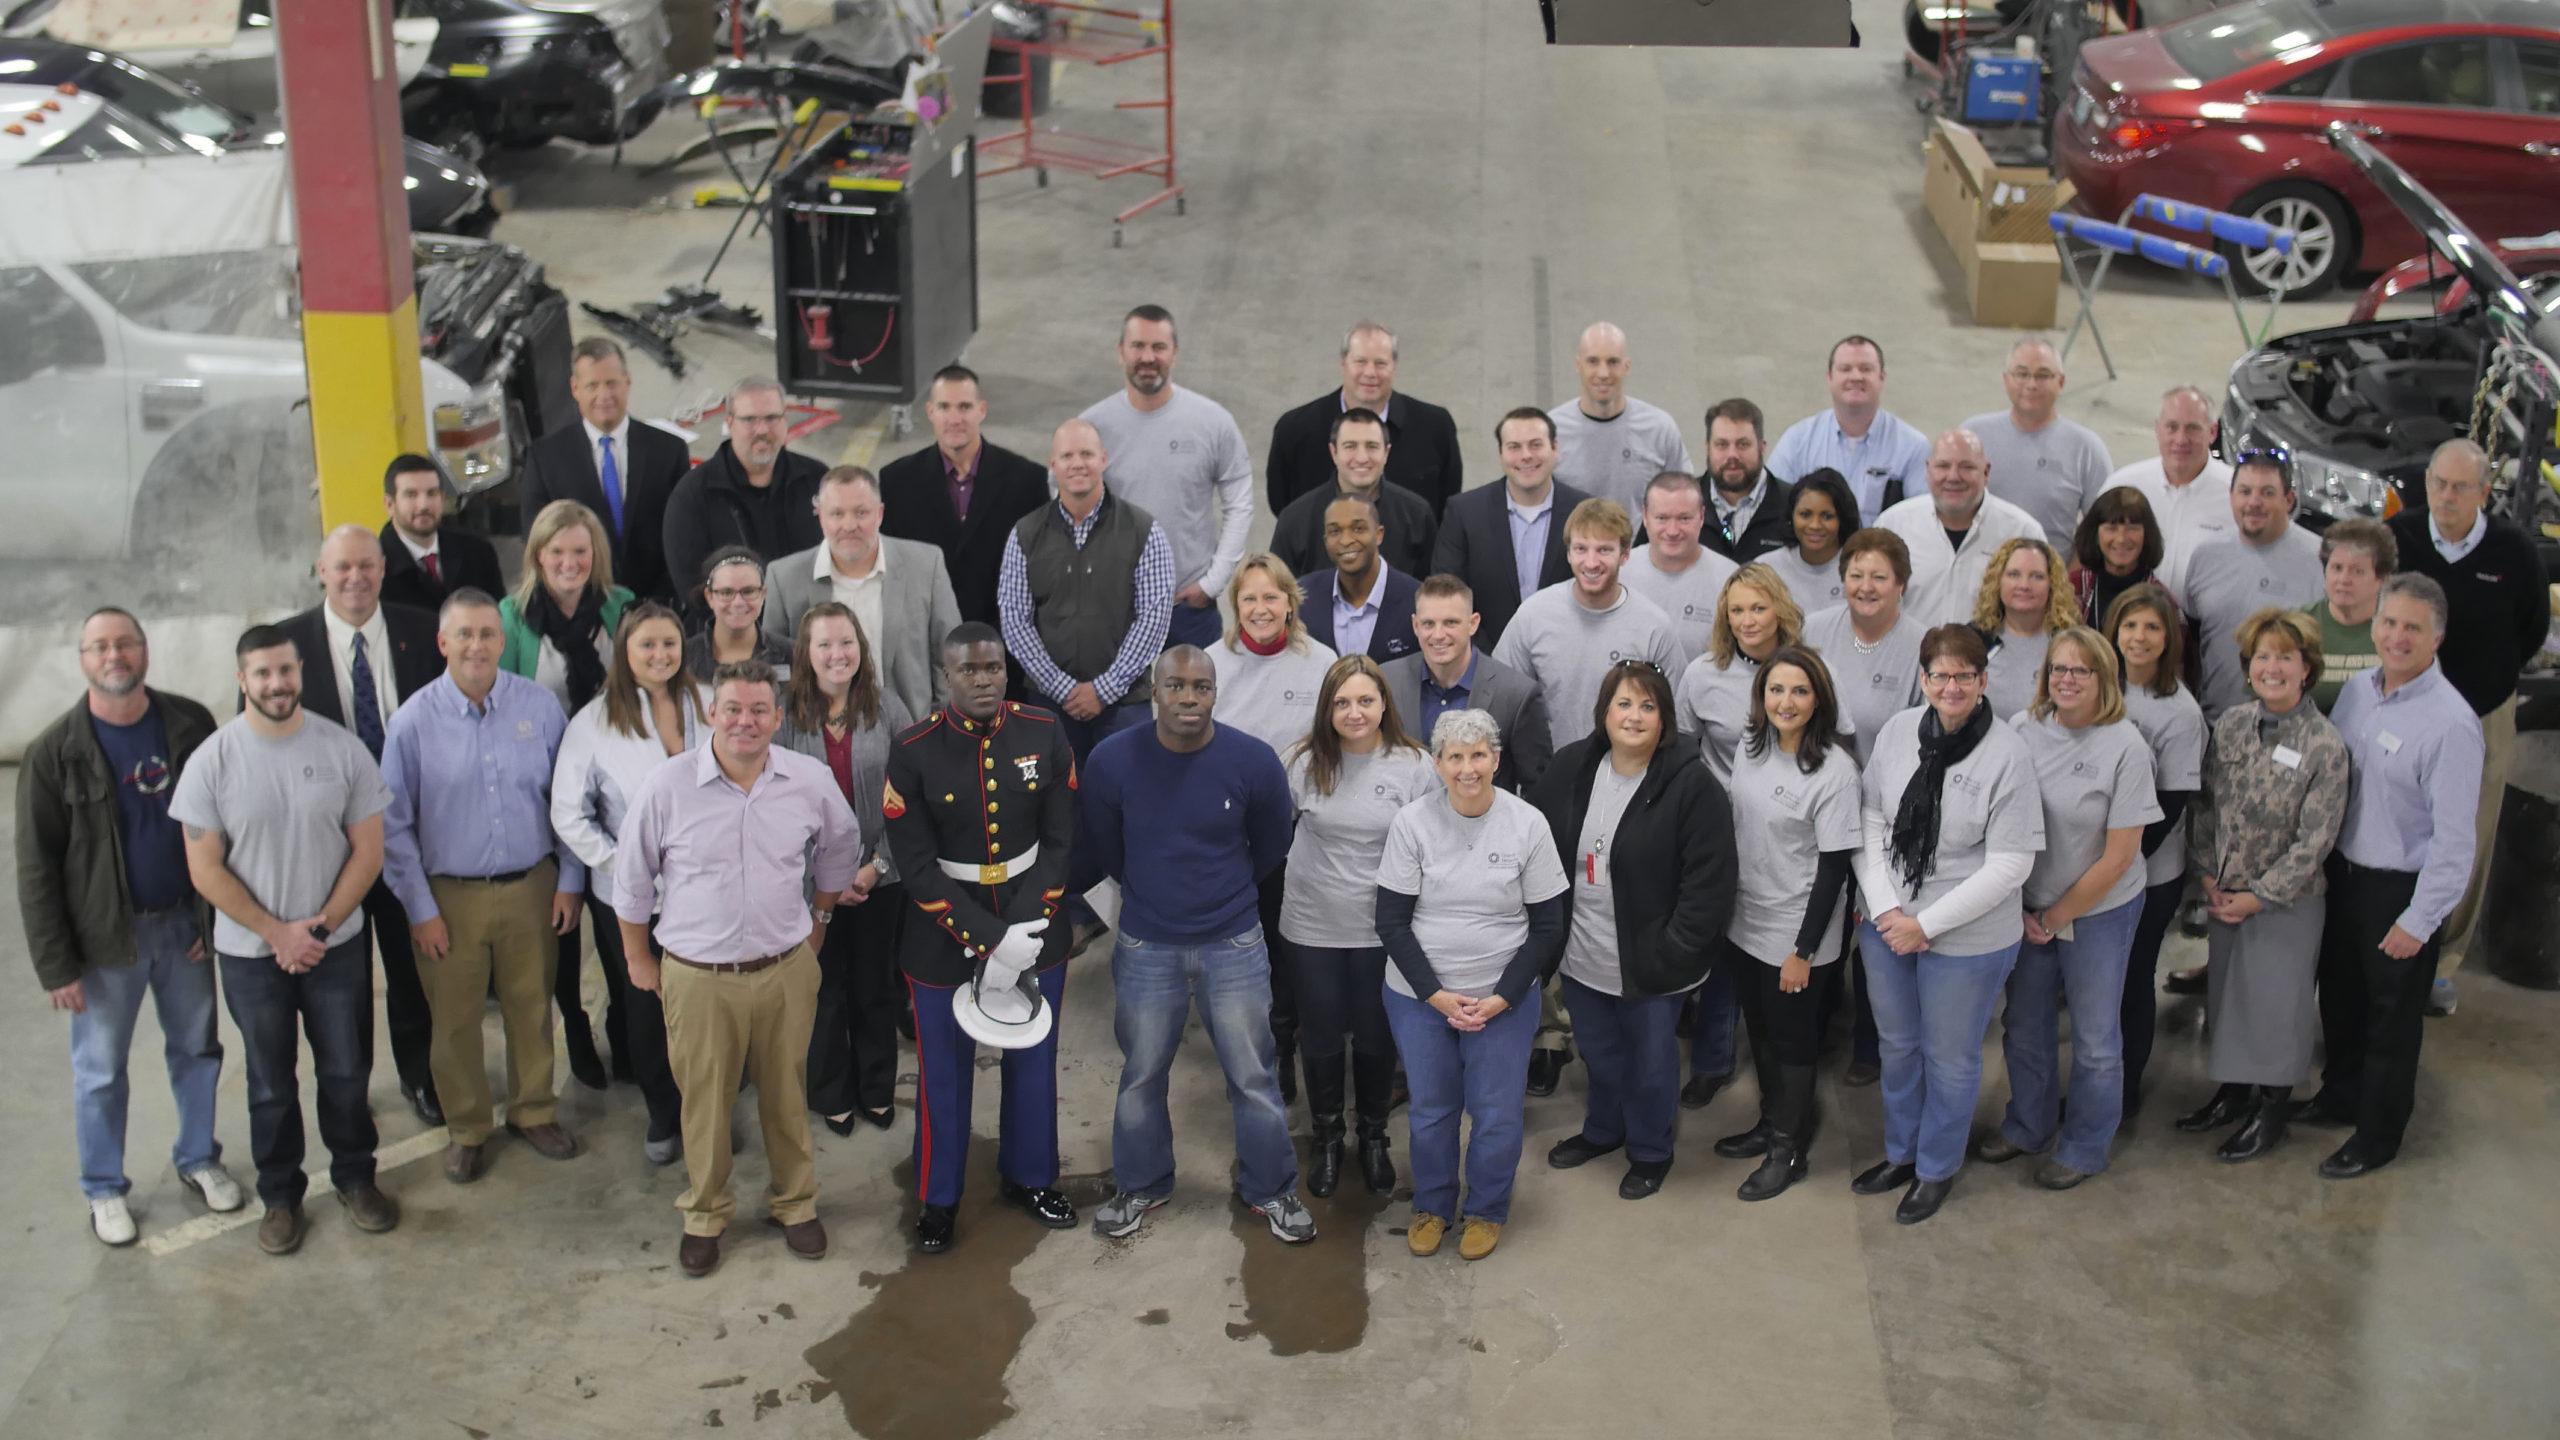 overhead group photo of people in repair shop